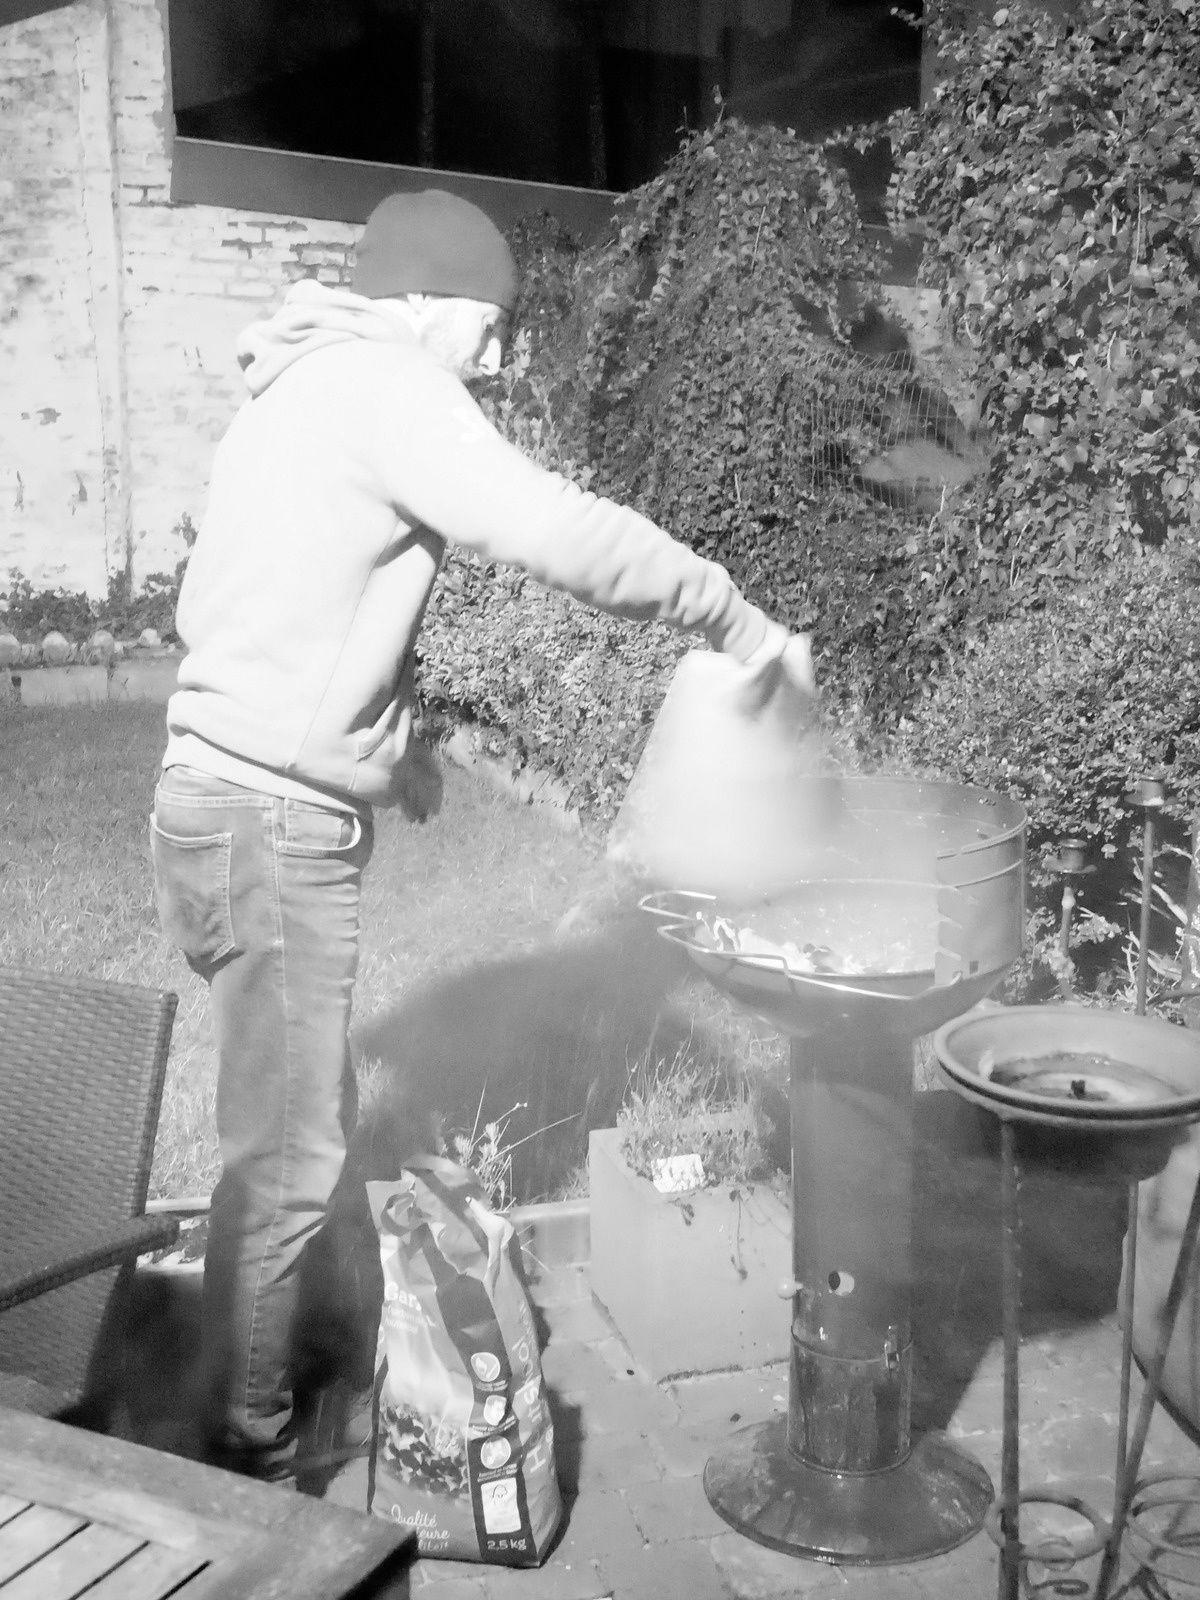 Une veillée de Noël en mode barbecue et grand classique